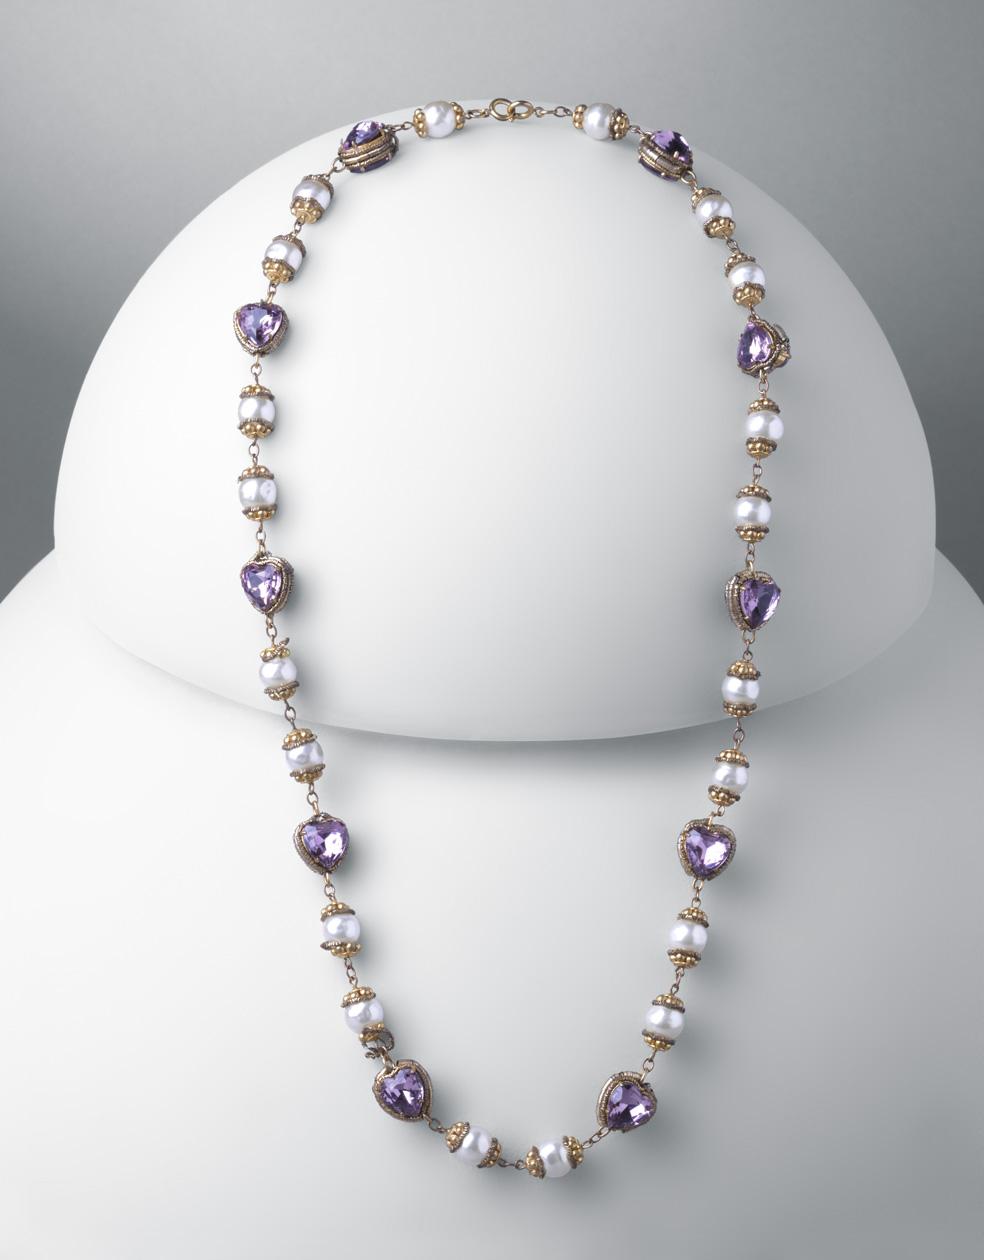 Collar. Metal dorado, piedras de cristal morado y perlas esféricas blancas